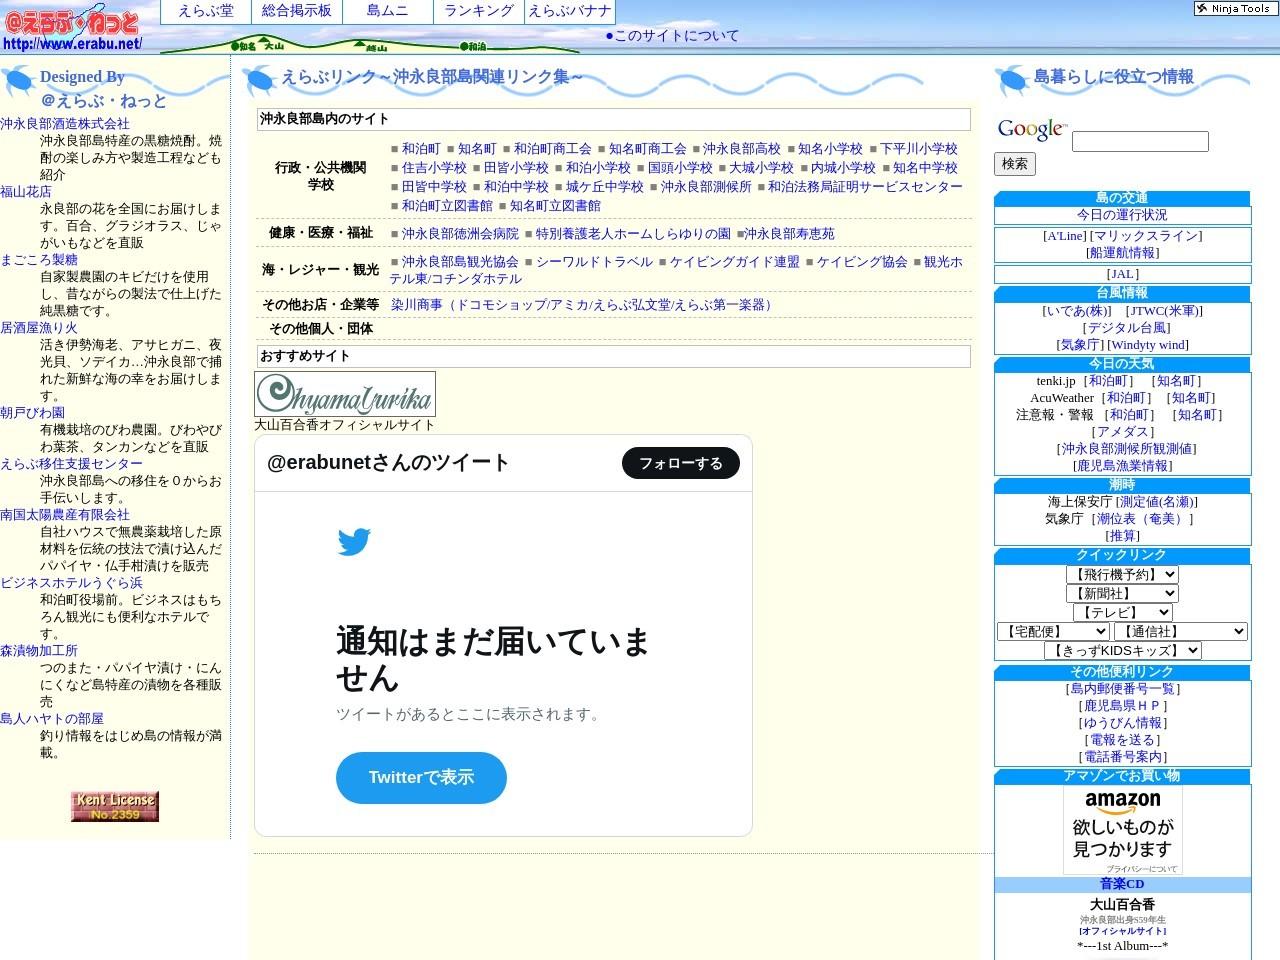 沖永良部島検索サイト~@えらぶ・ねっと~